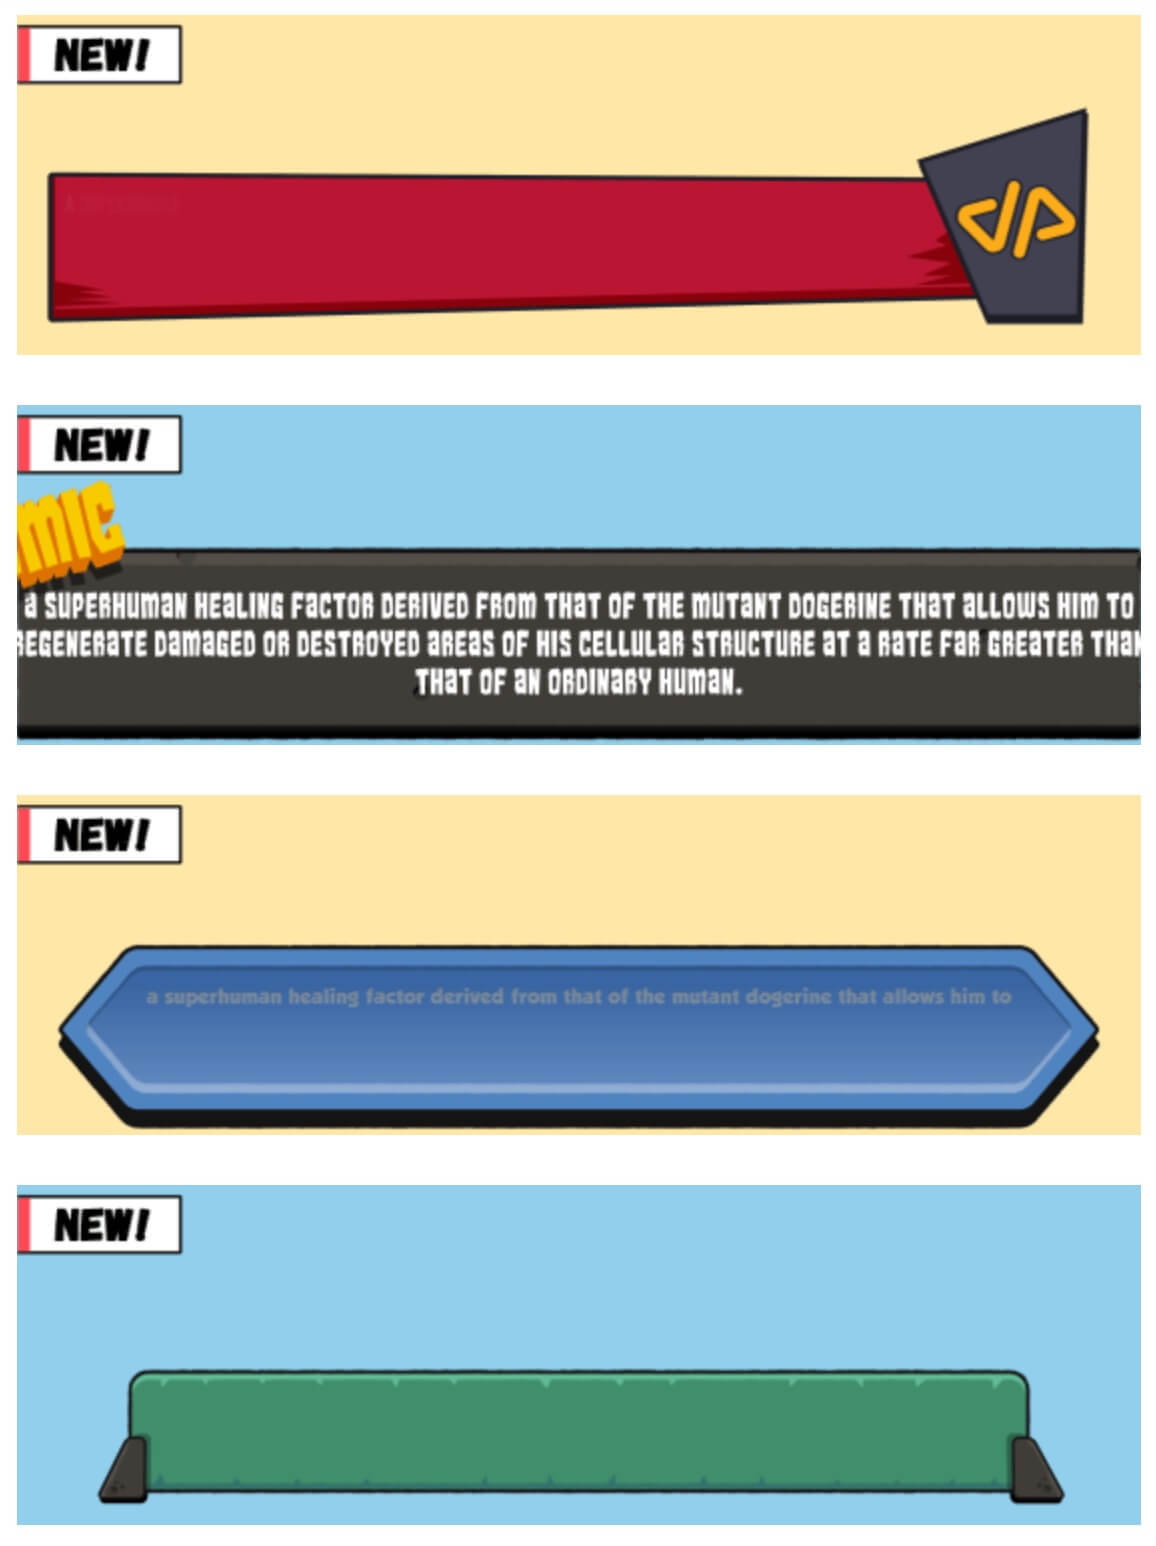 卡通动漫LOGO标题转场字幕条包装动画包 Comic Edition V2 + 使用教程 FCPX插件